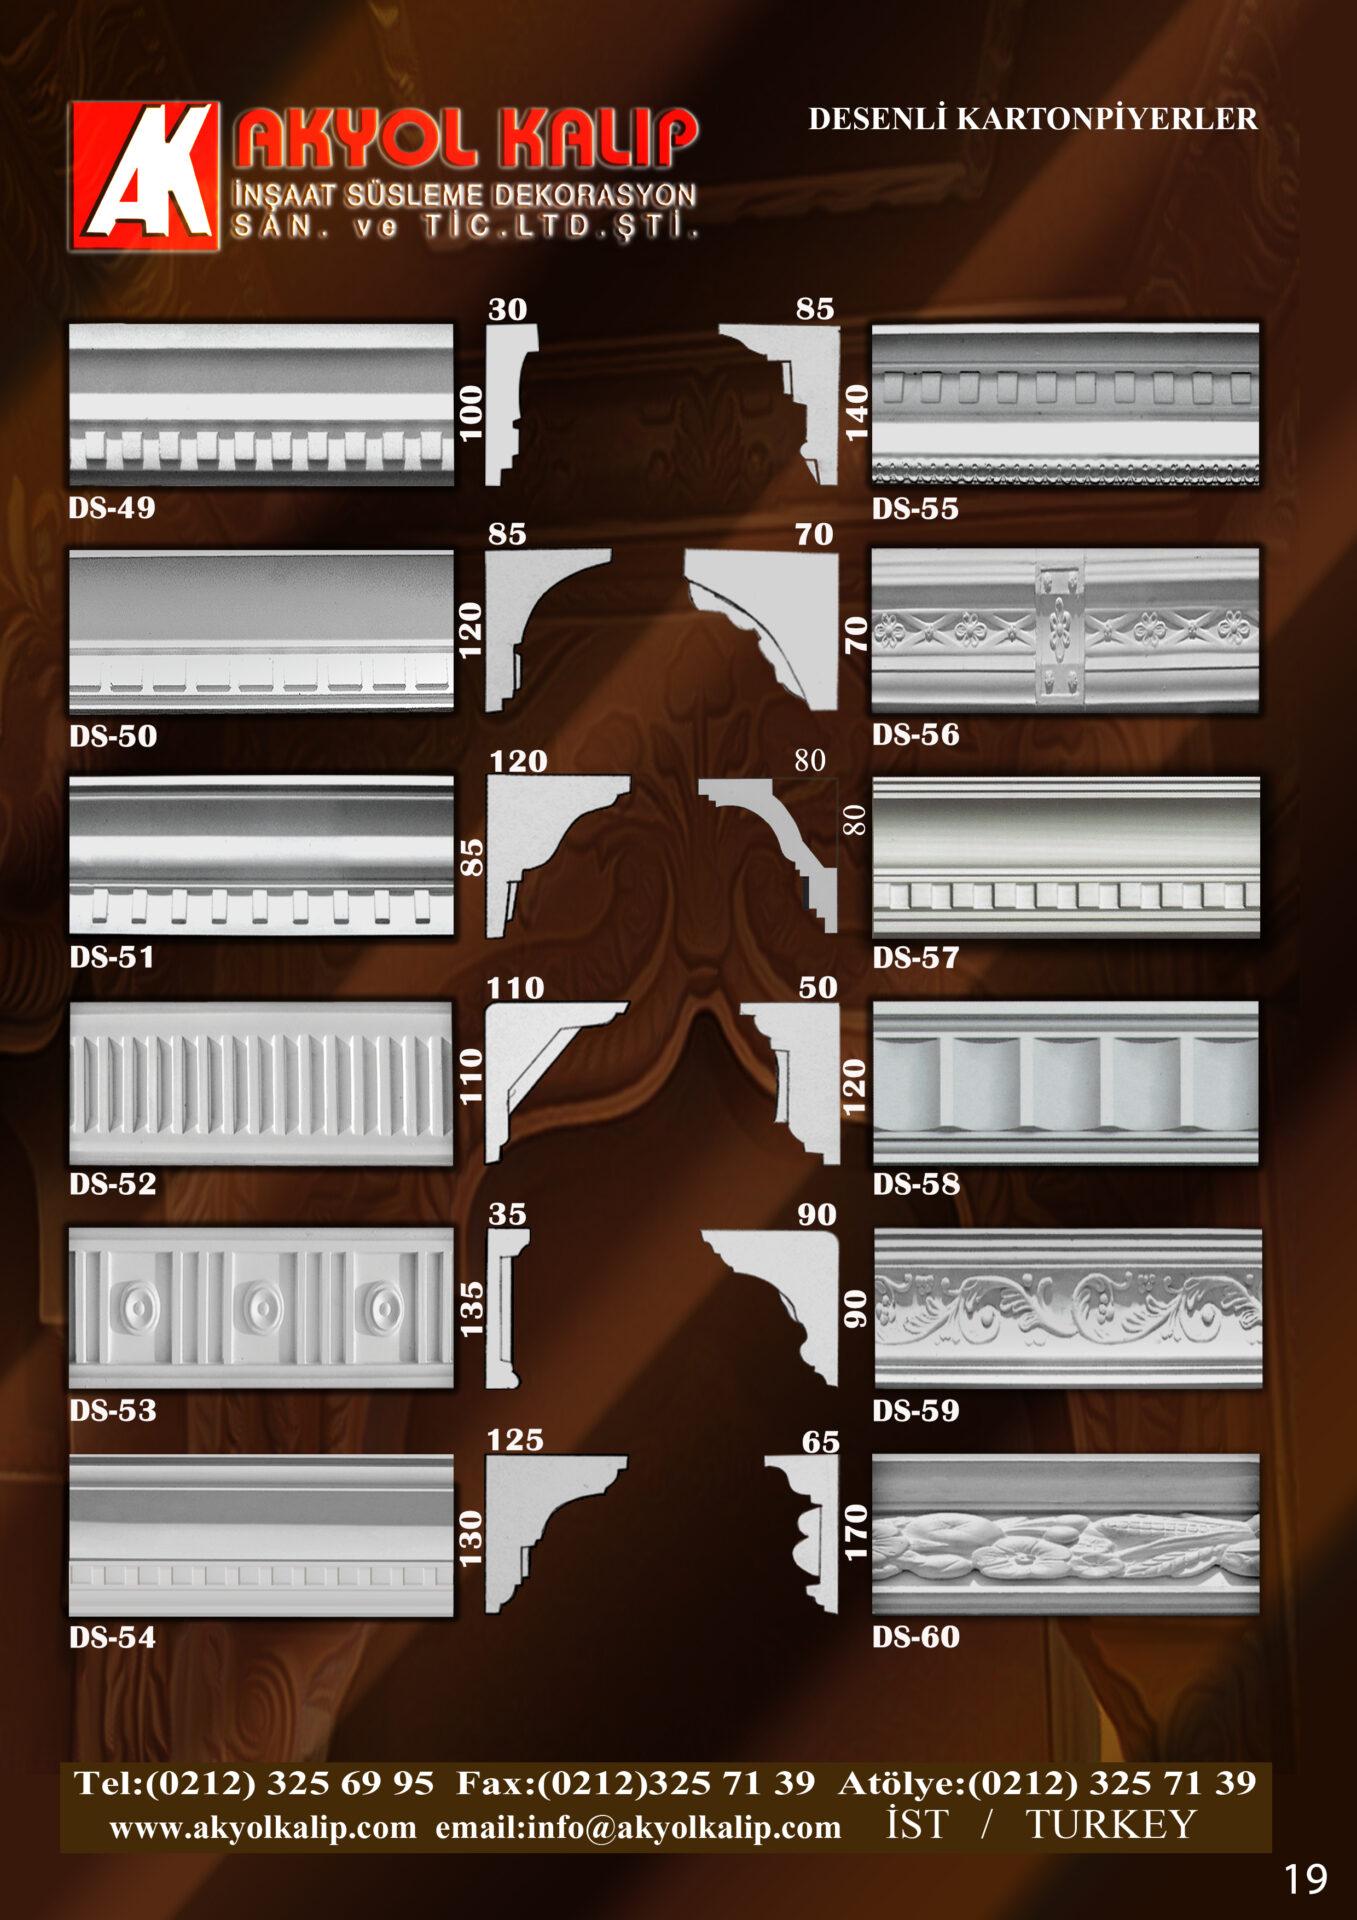 desenli kartonpiyerler